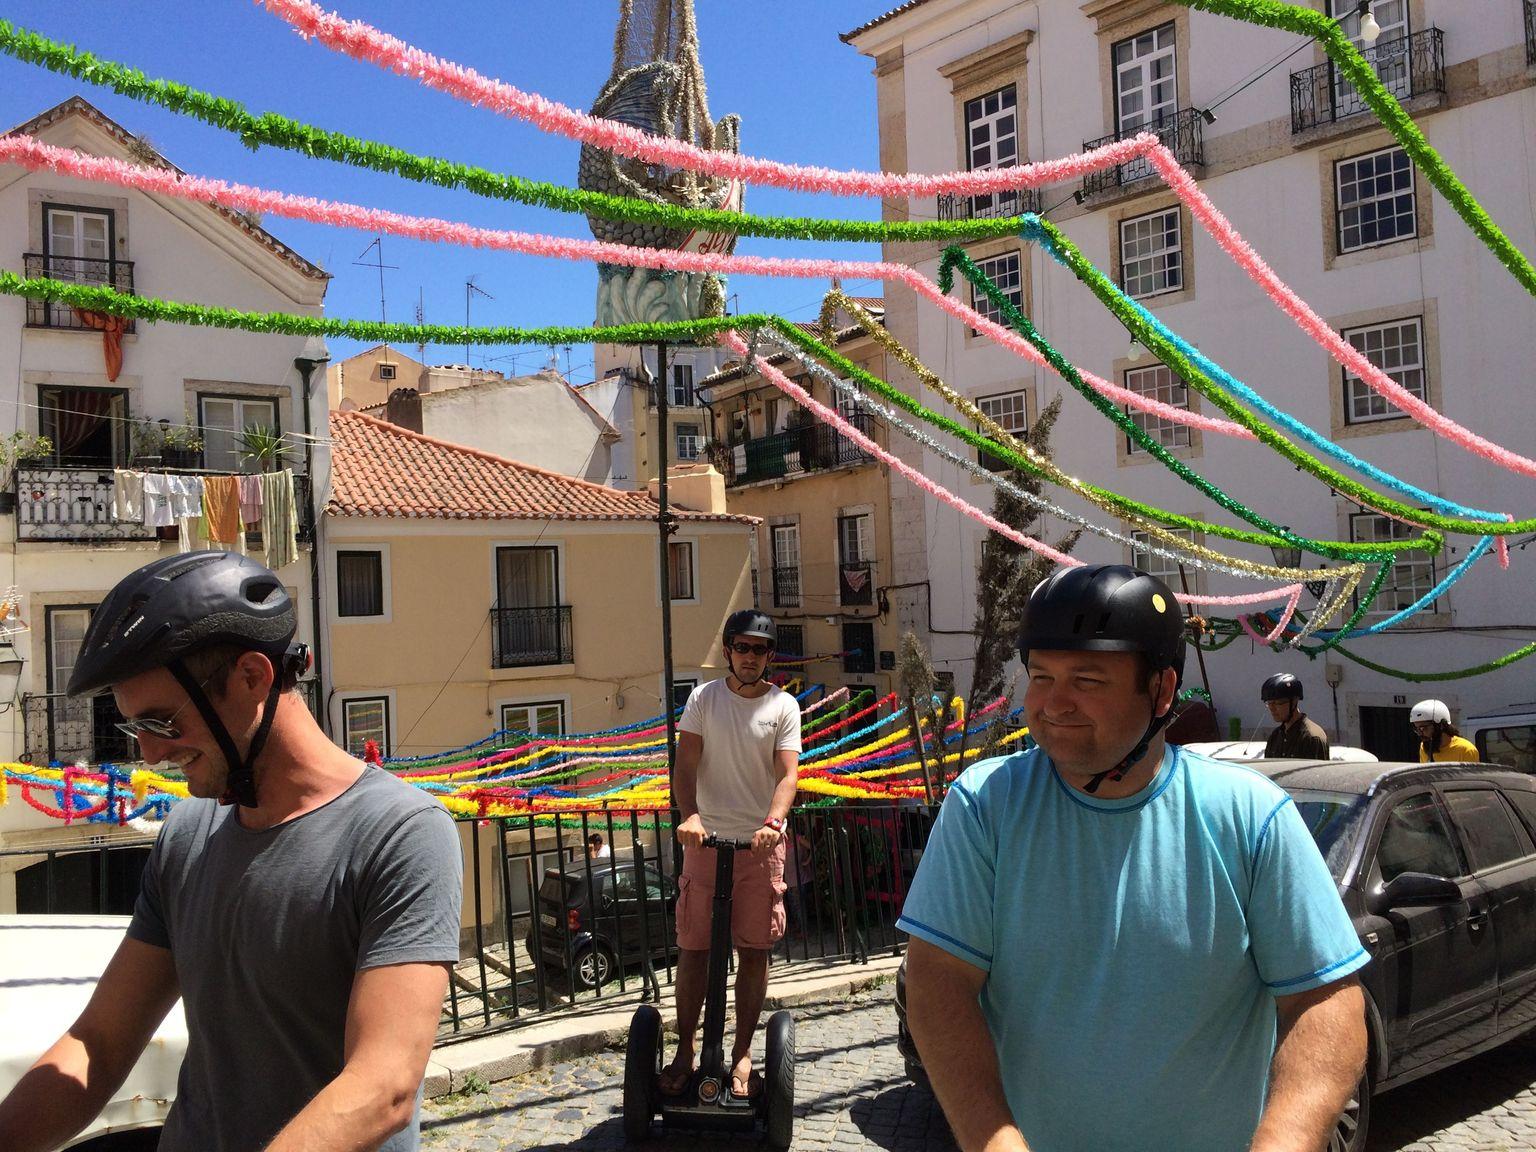 MÁS FOTOS, Excursión turística en pequeño grupo en Segway de Lisboa con degustación de comida